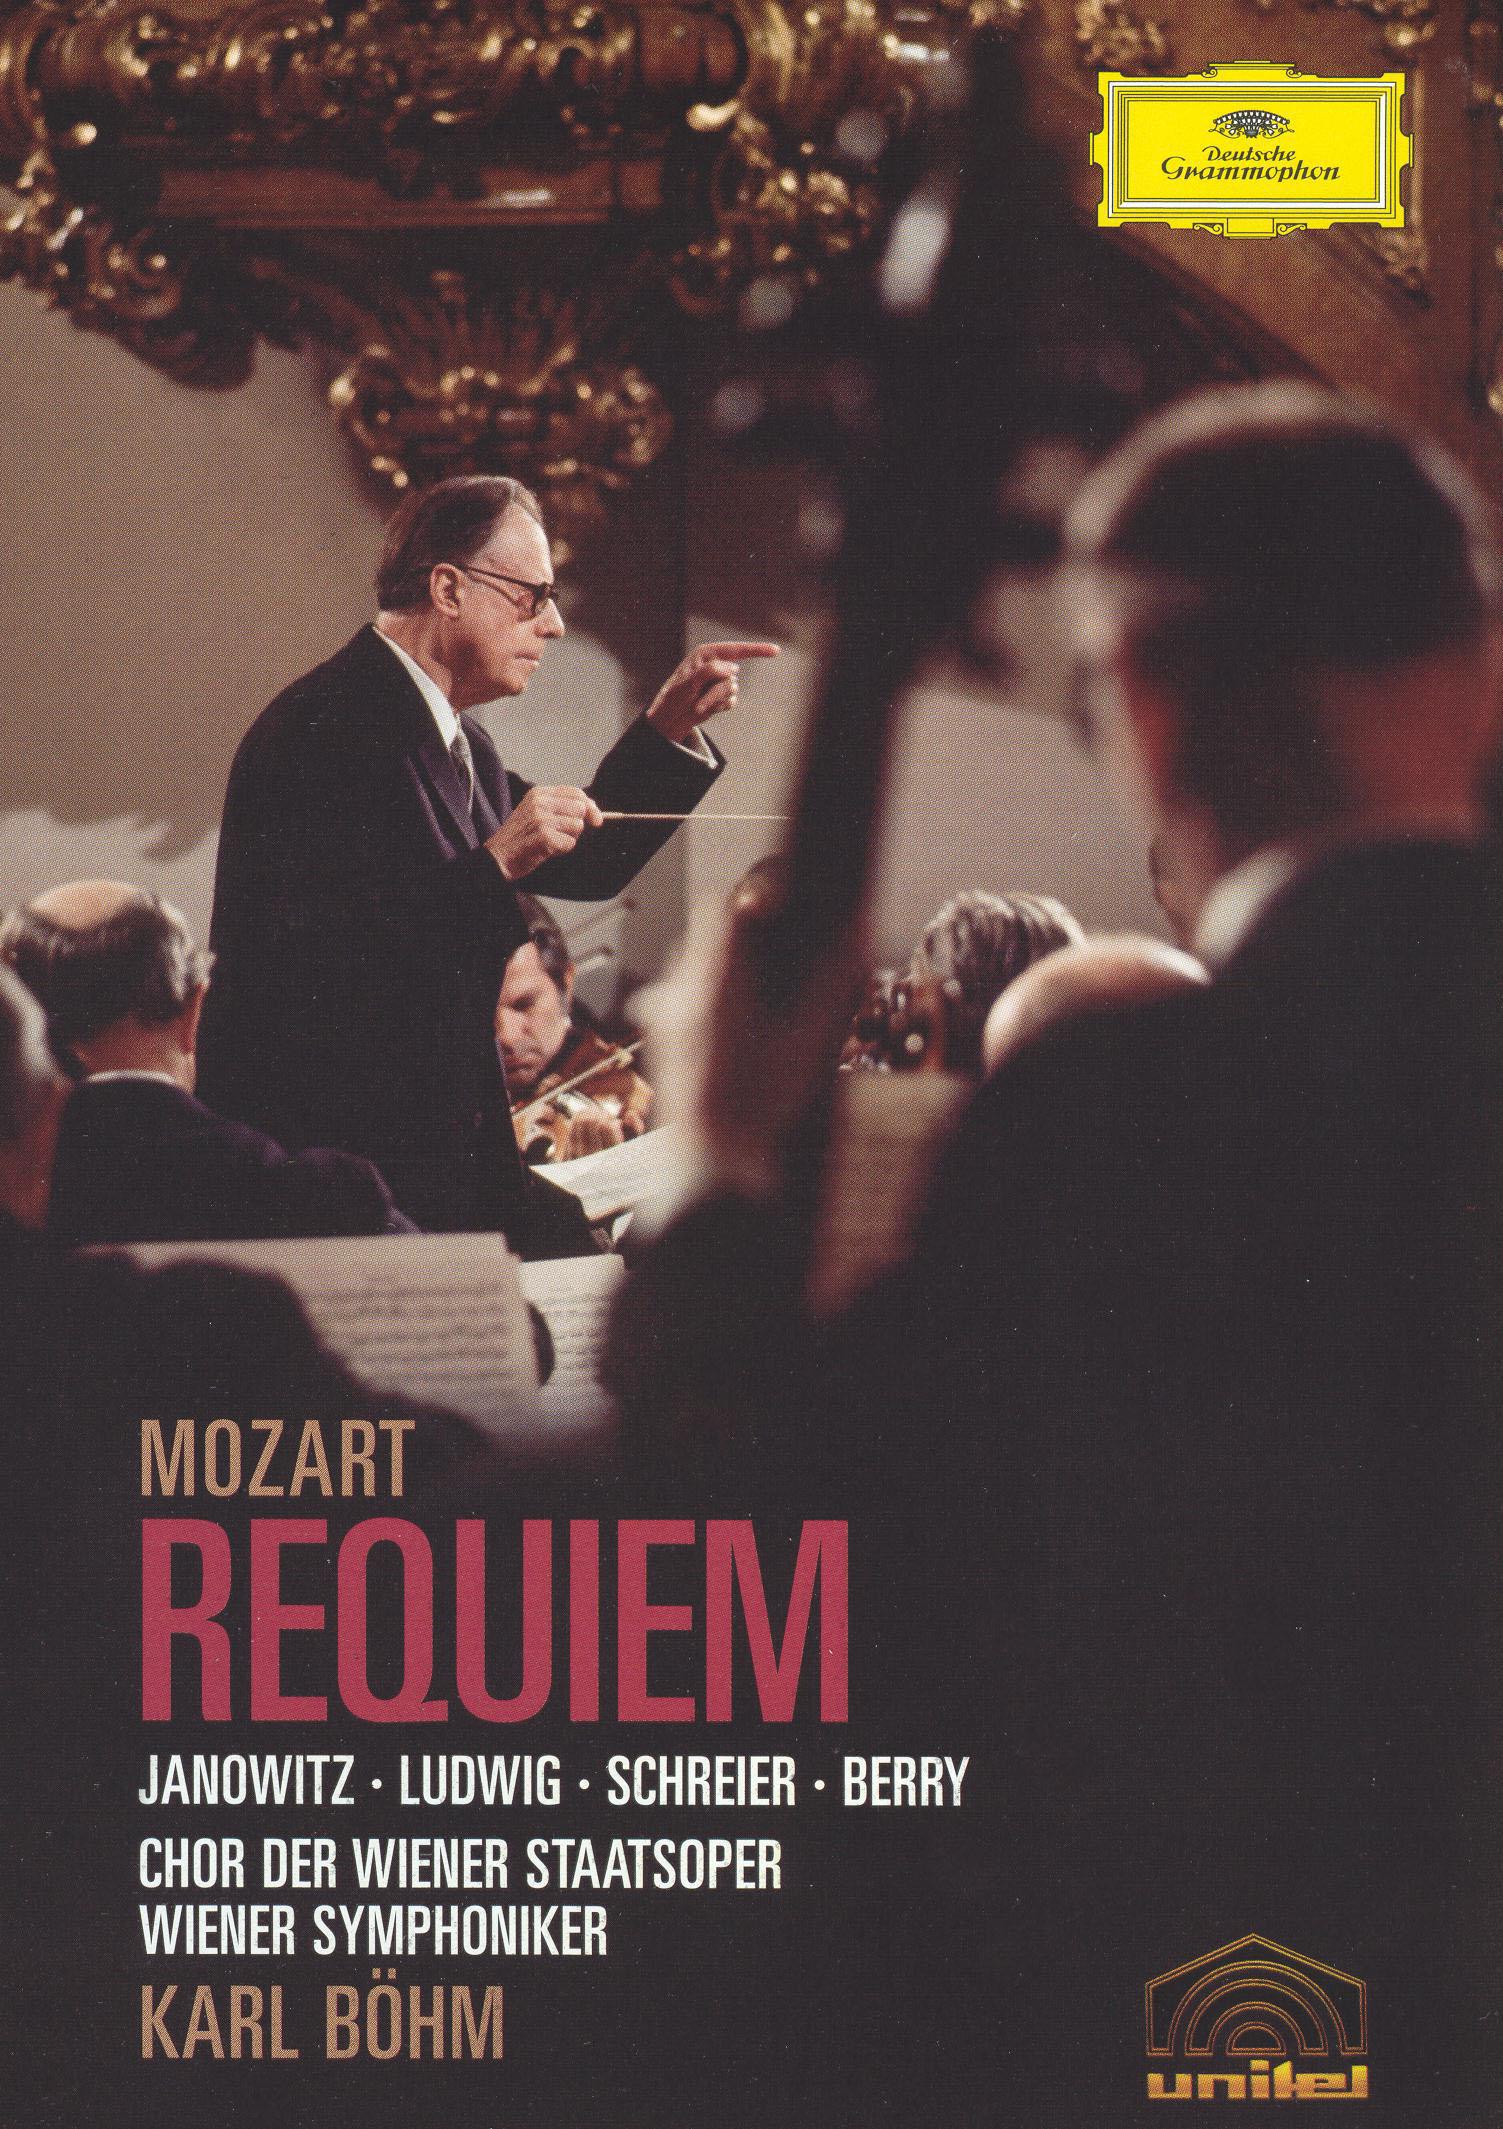 Karl Bohm: Mozart - Requiem